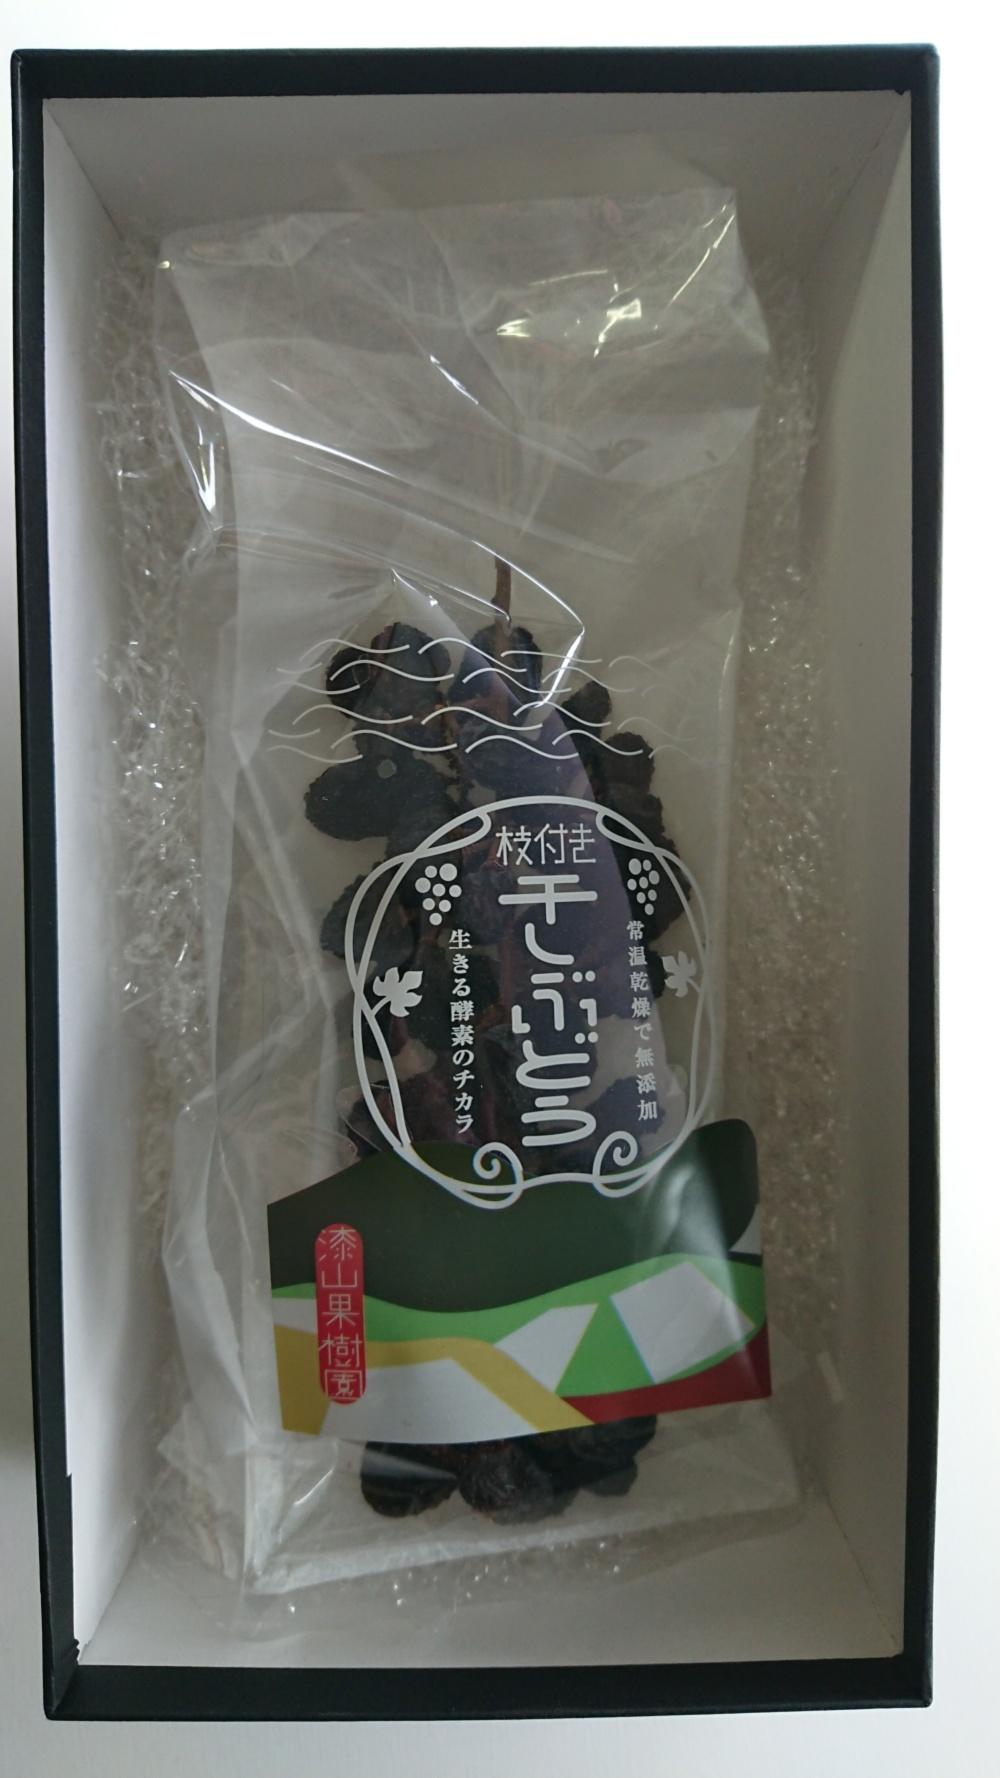 酢 典子 杜 の 井上 黒 すっぽん